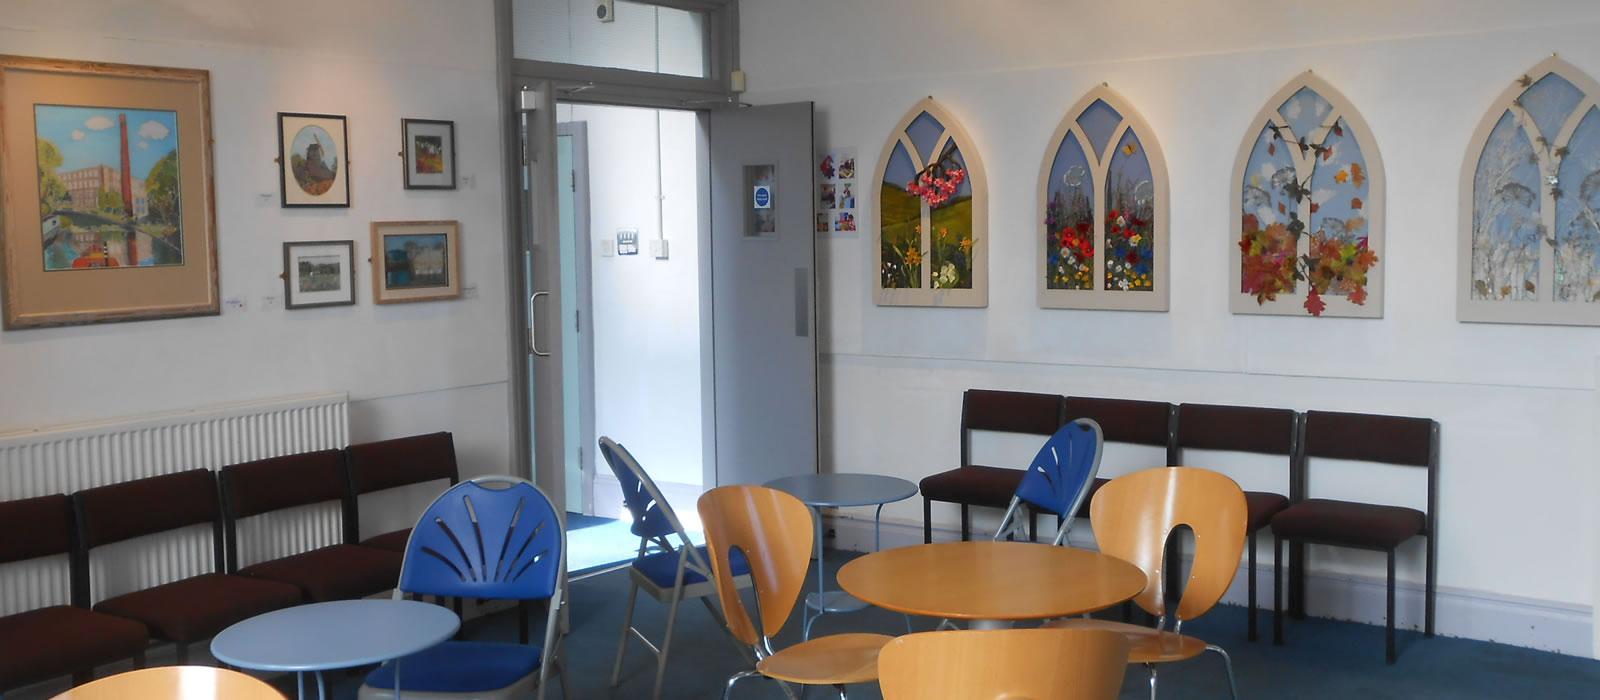 About Bollington Arts Centre